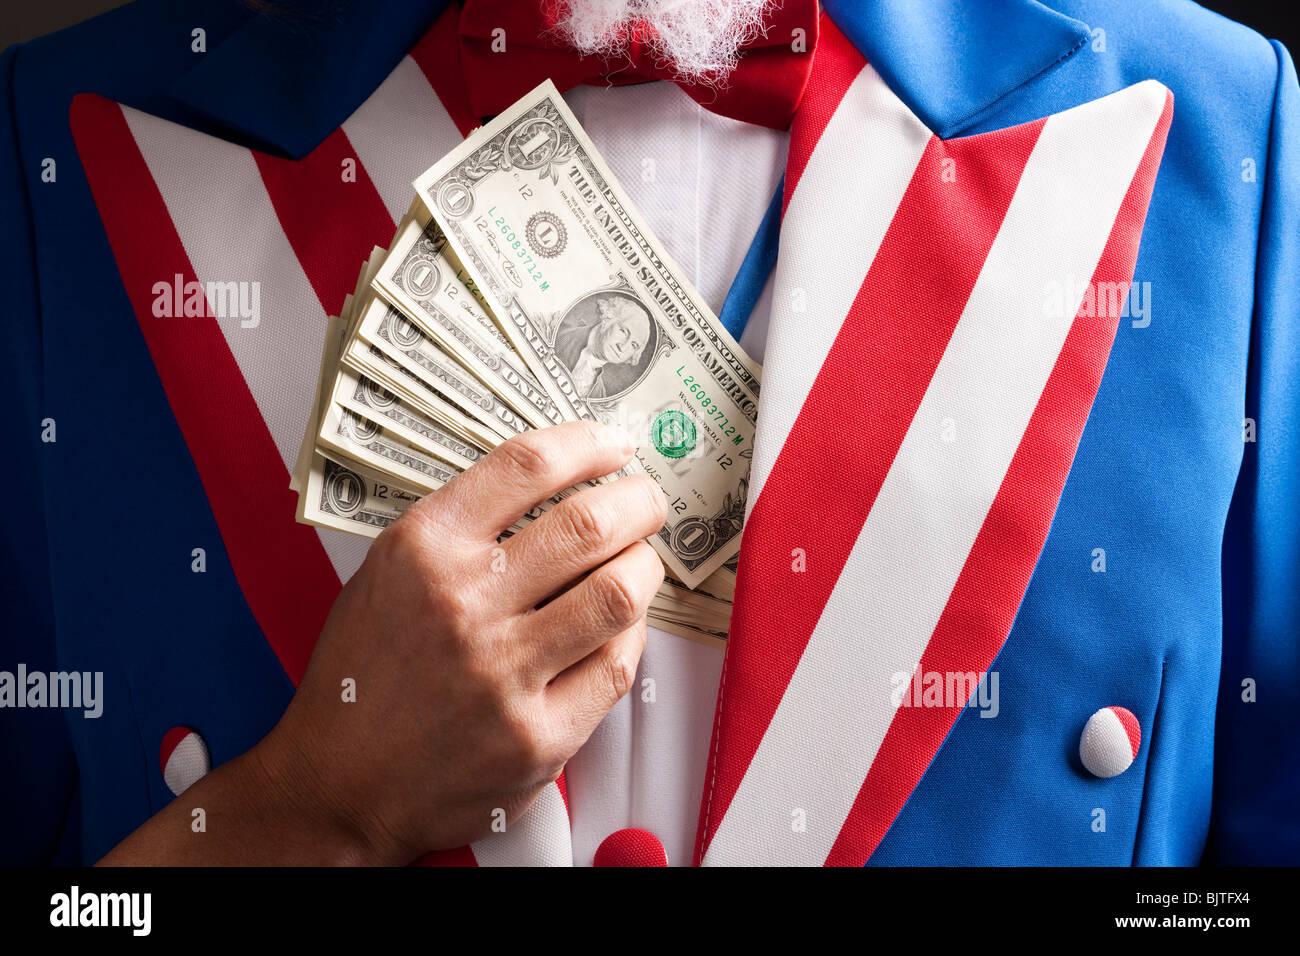 Mano billetes escondidos bajo el chaleco, Foto de estudio Imagen De Stock